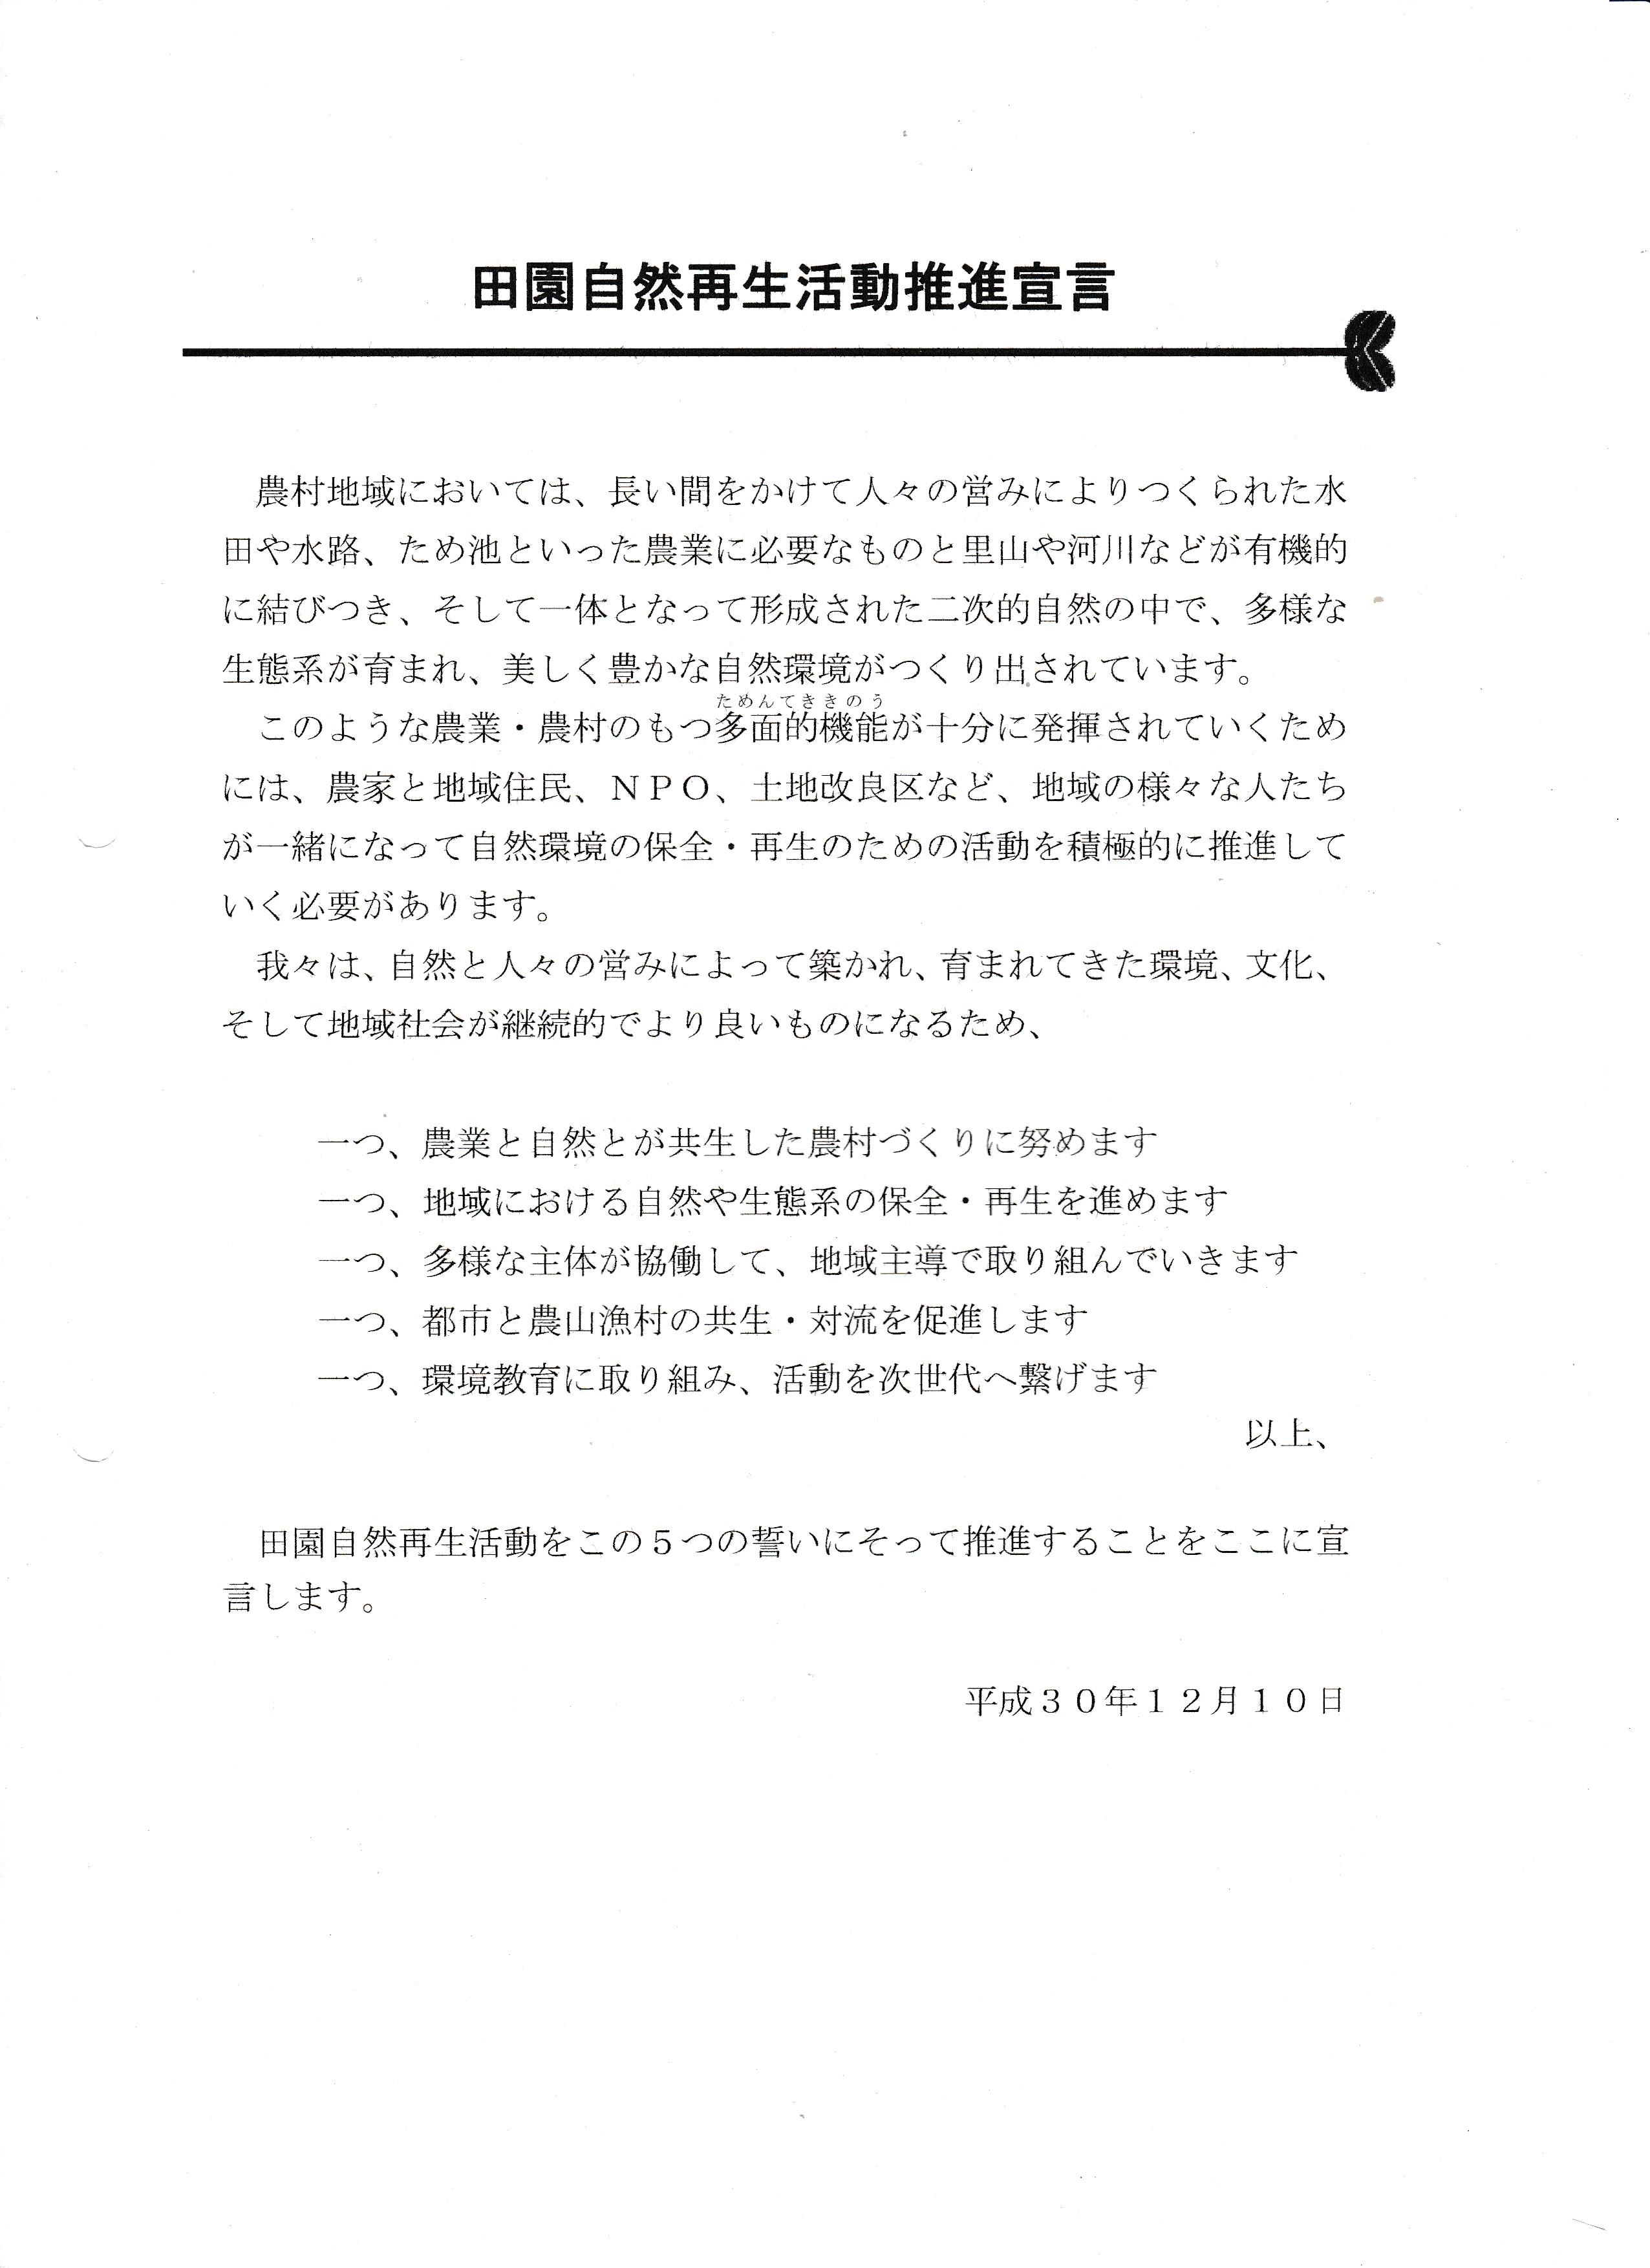 IMG_20181214_大会宣言文章